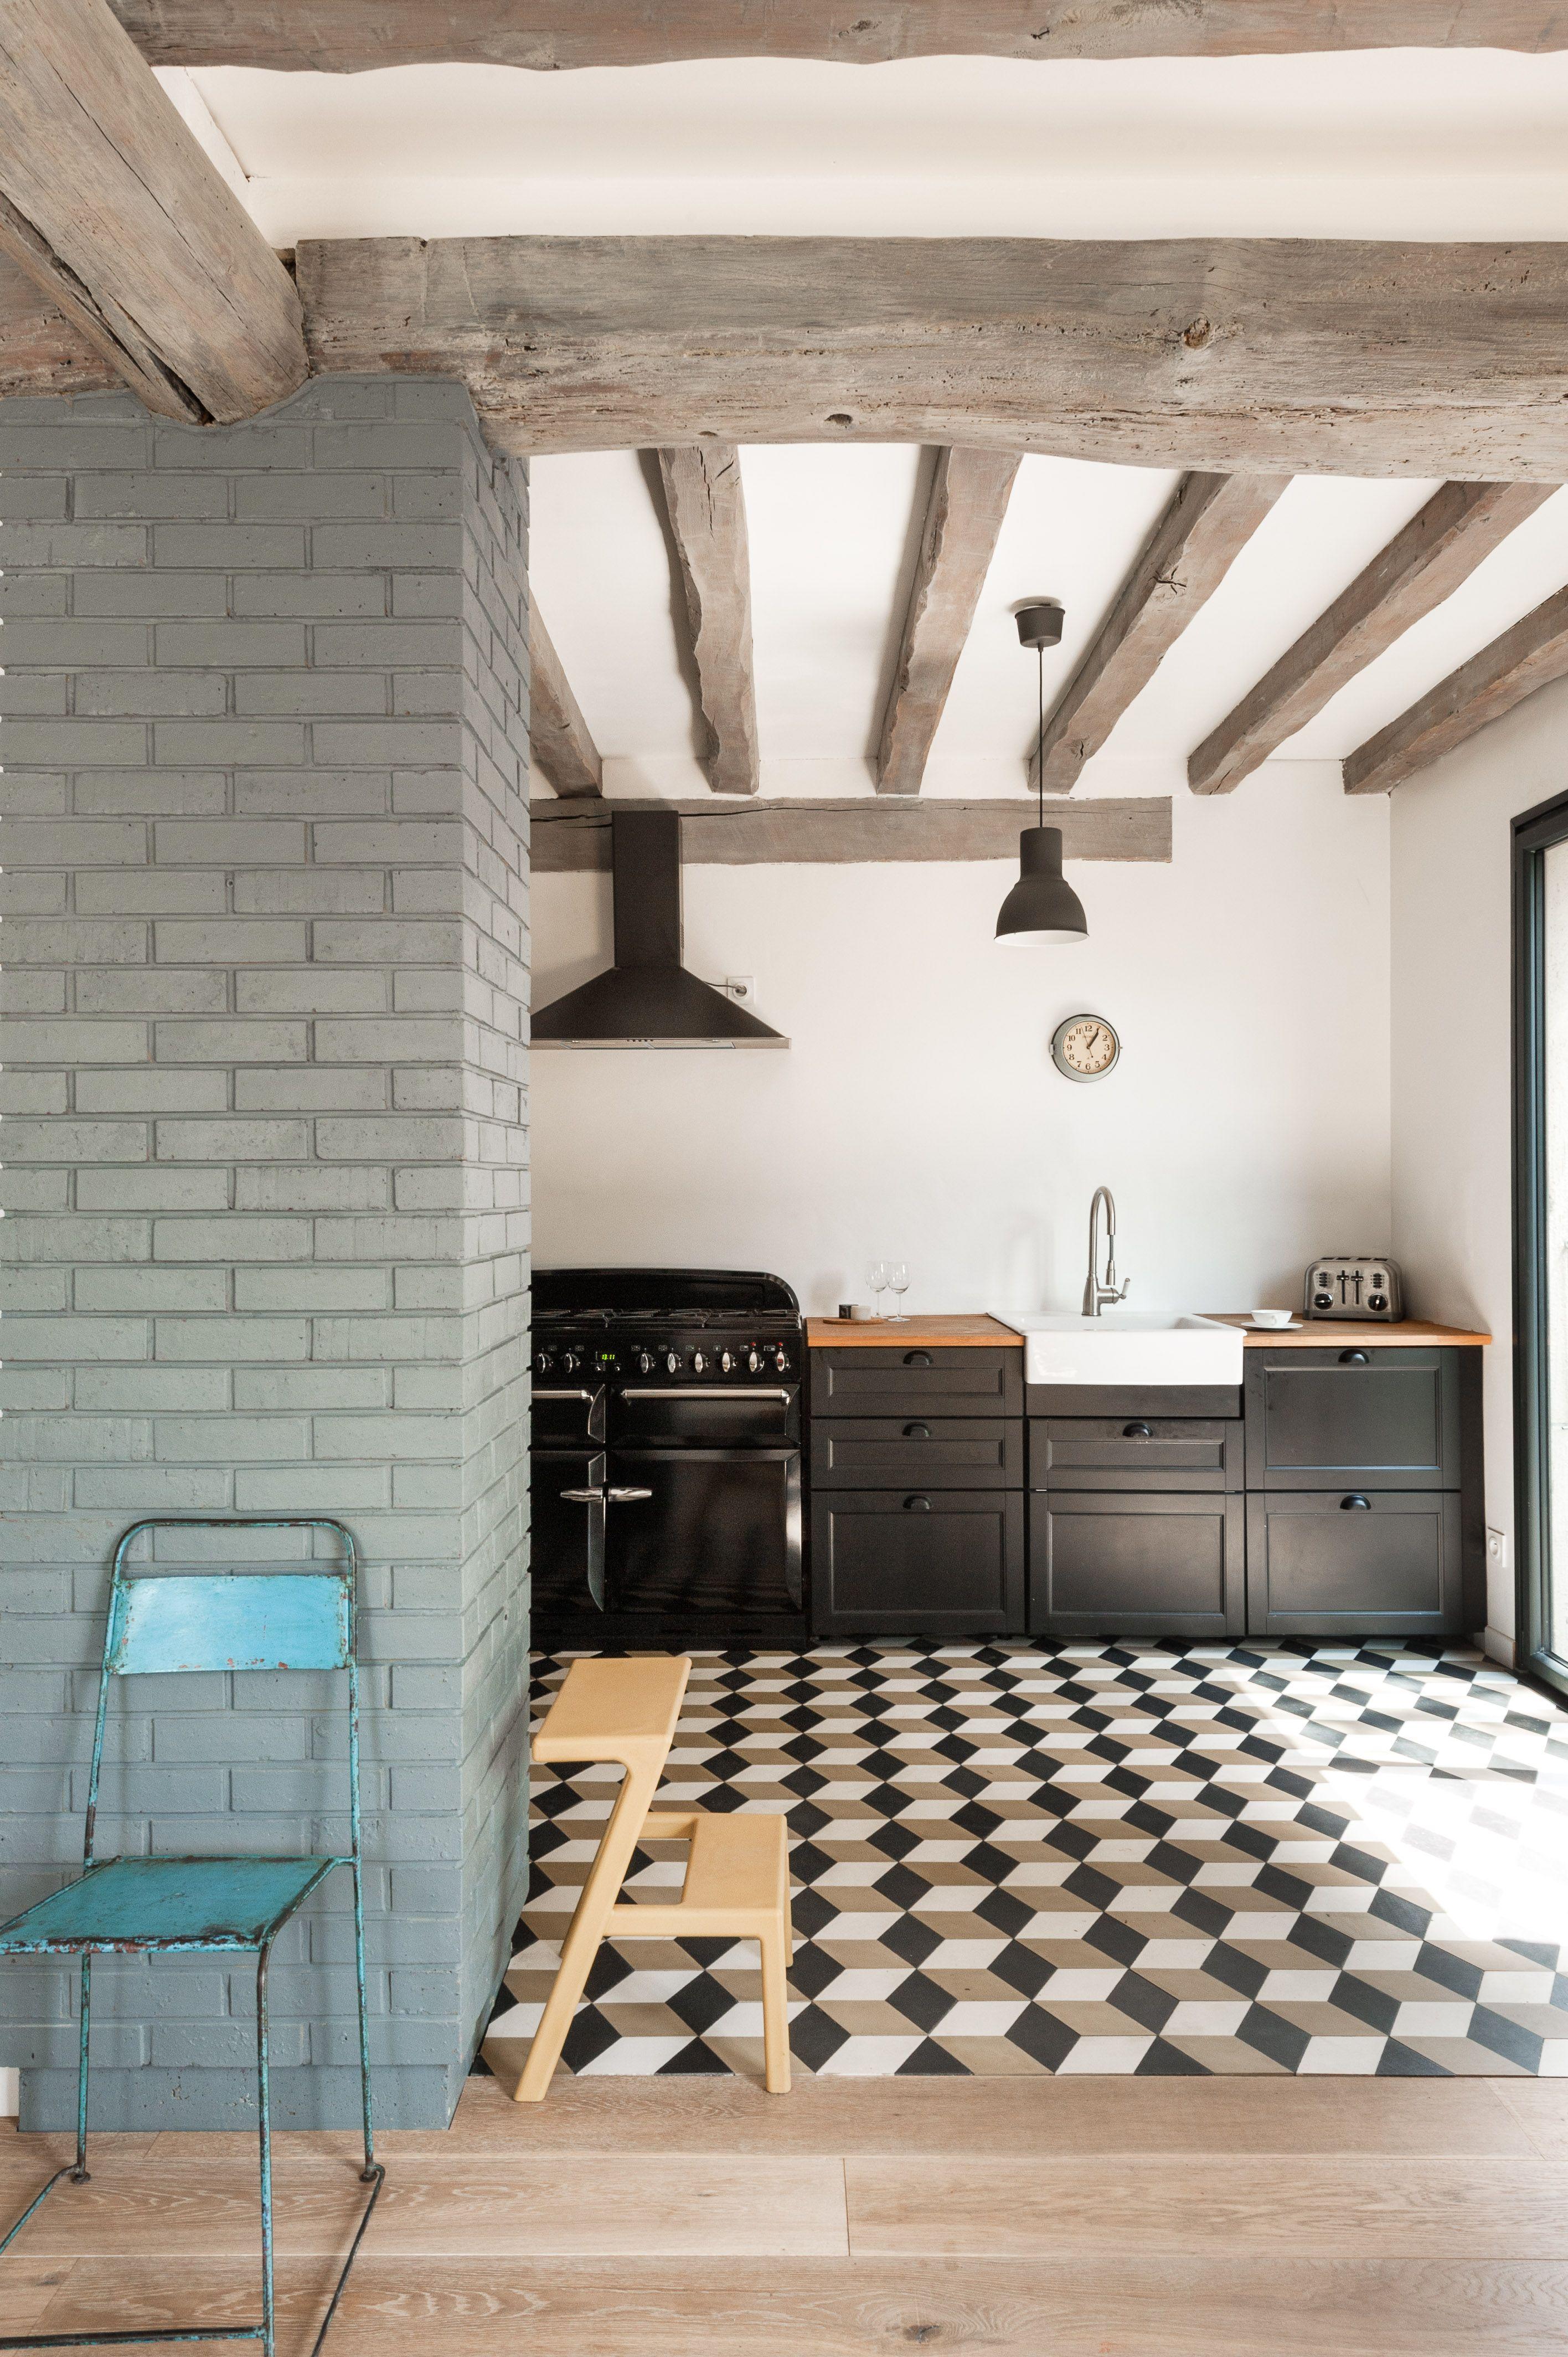 alice b rencontre un archi cuisine style classique remise au go t du jour gr ce l 39 effet. Black Bedroom Furniture Sets. Home Design Ideas